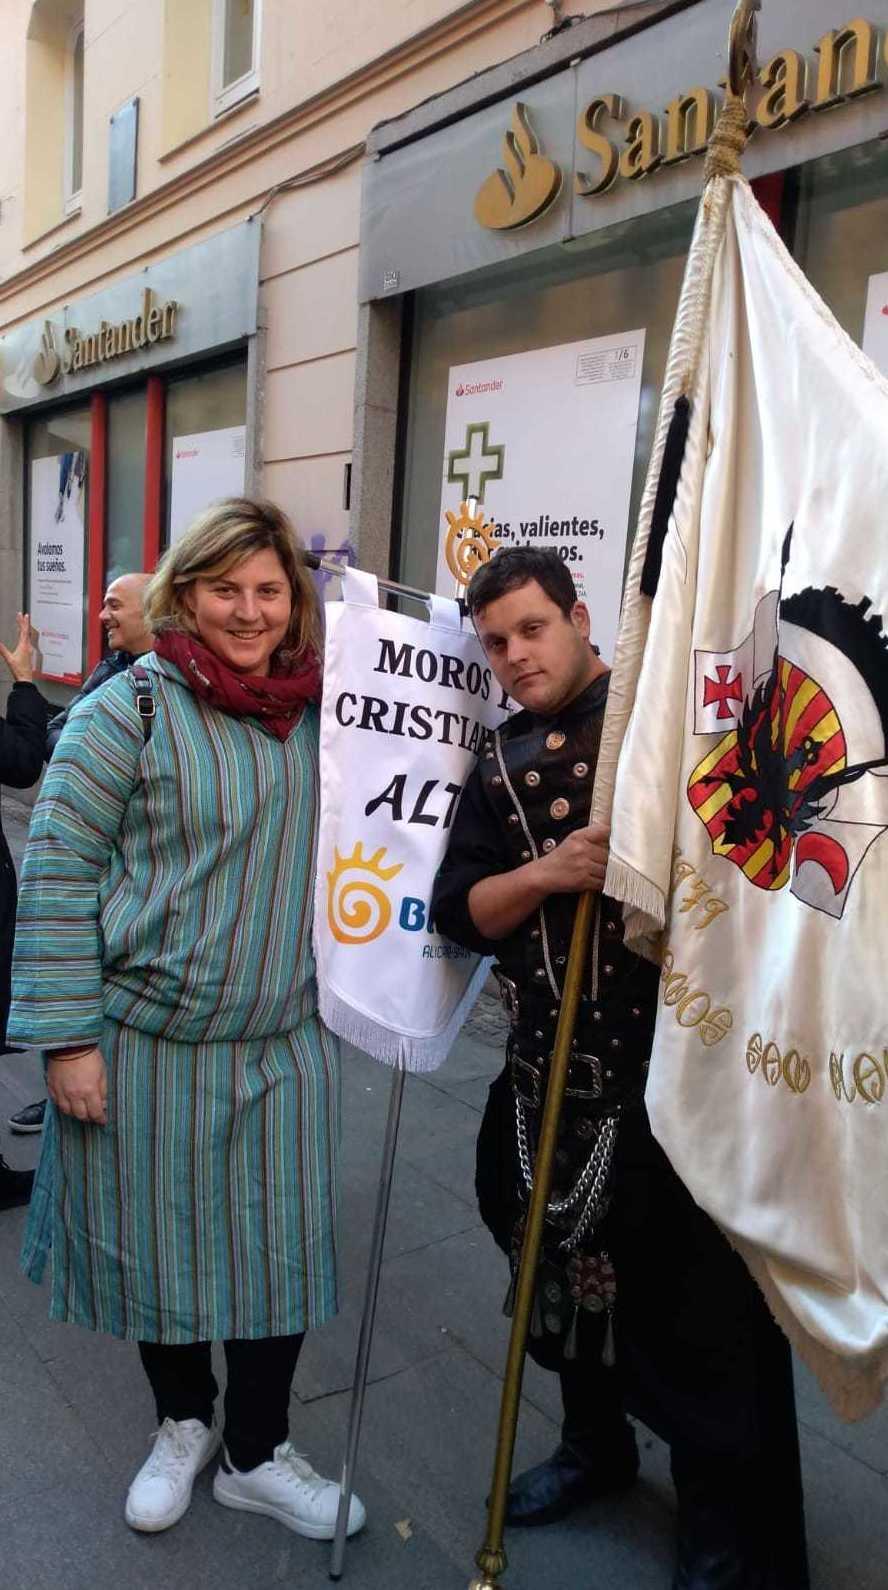 Foto 1 de Trajes de moros y cristianos en  | El Mon Fester